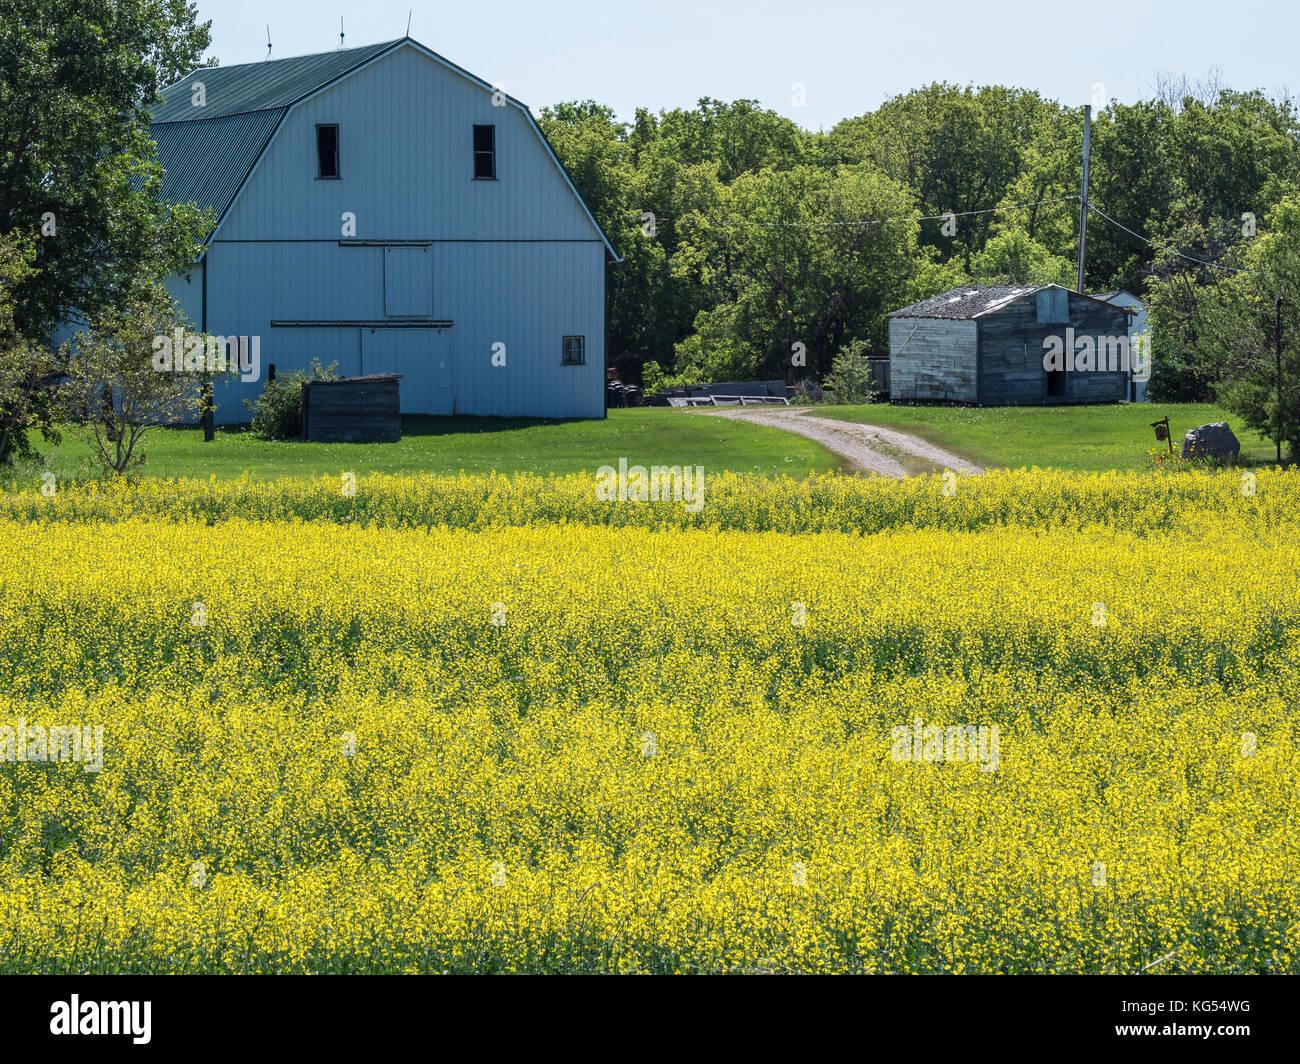 Canola fields and barn along Saskatchewan Highway 15, Saskatchewan, Canada. - Stock Image